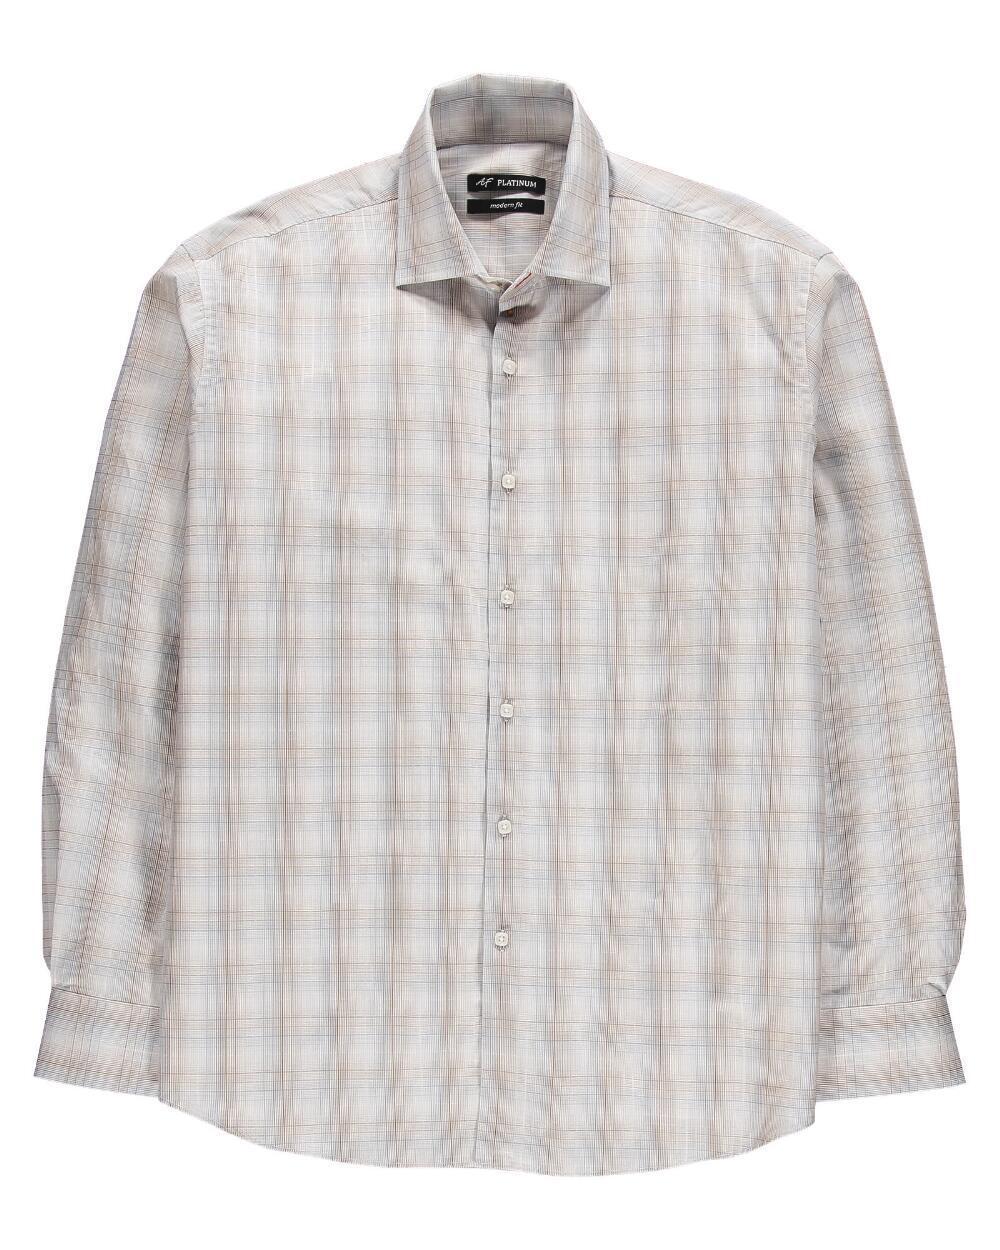 Alan Flusser - NWT - Mens S - Beige Plaid Long Sleeve Poplin Cotton Shirt